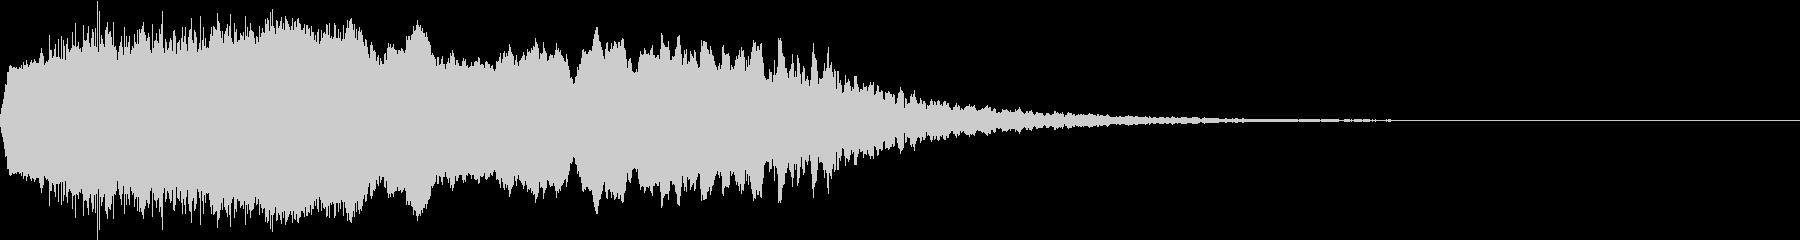 Riser アゲアゲ系 上昇音 1の未再生の波形